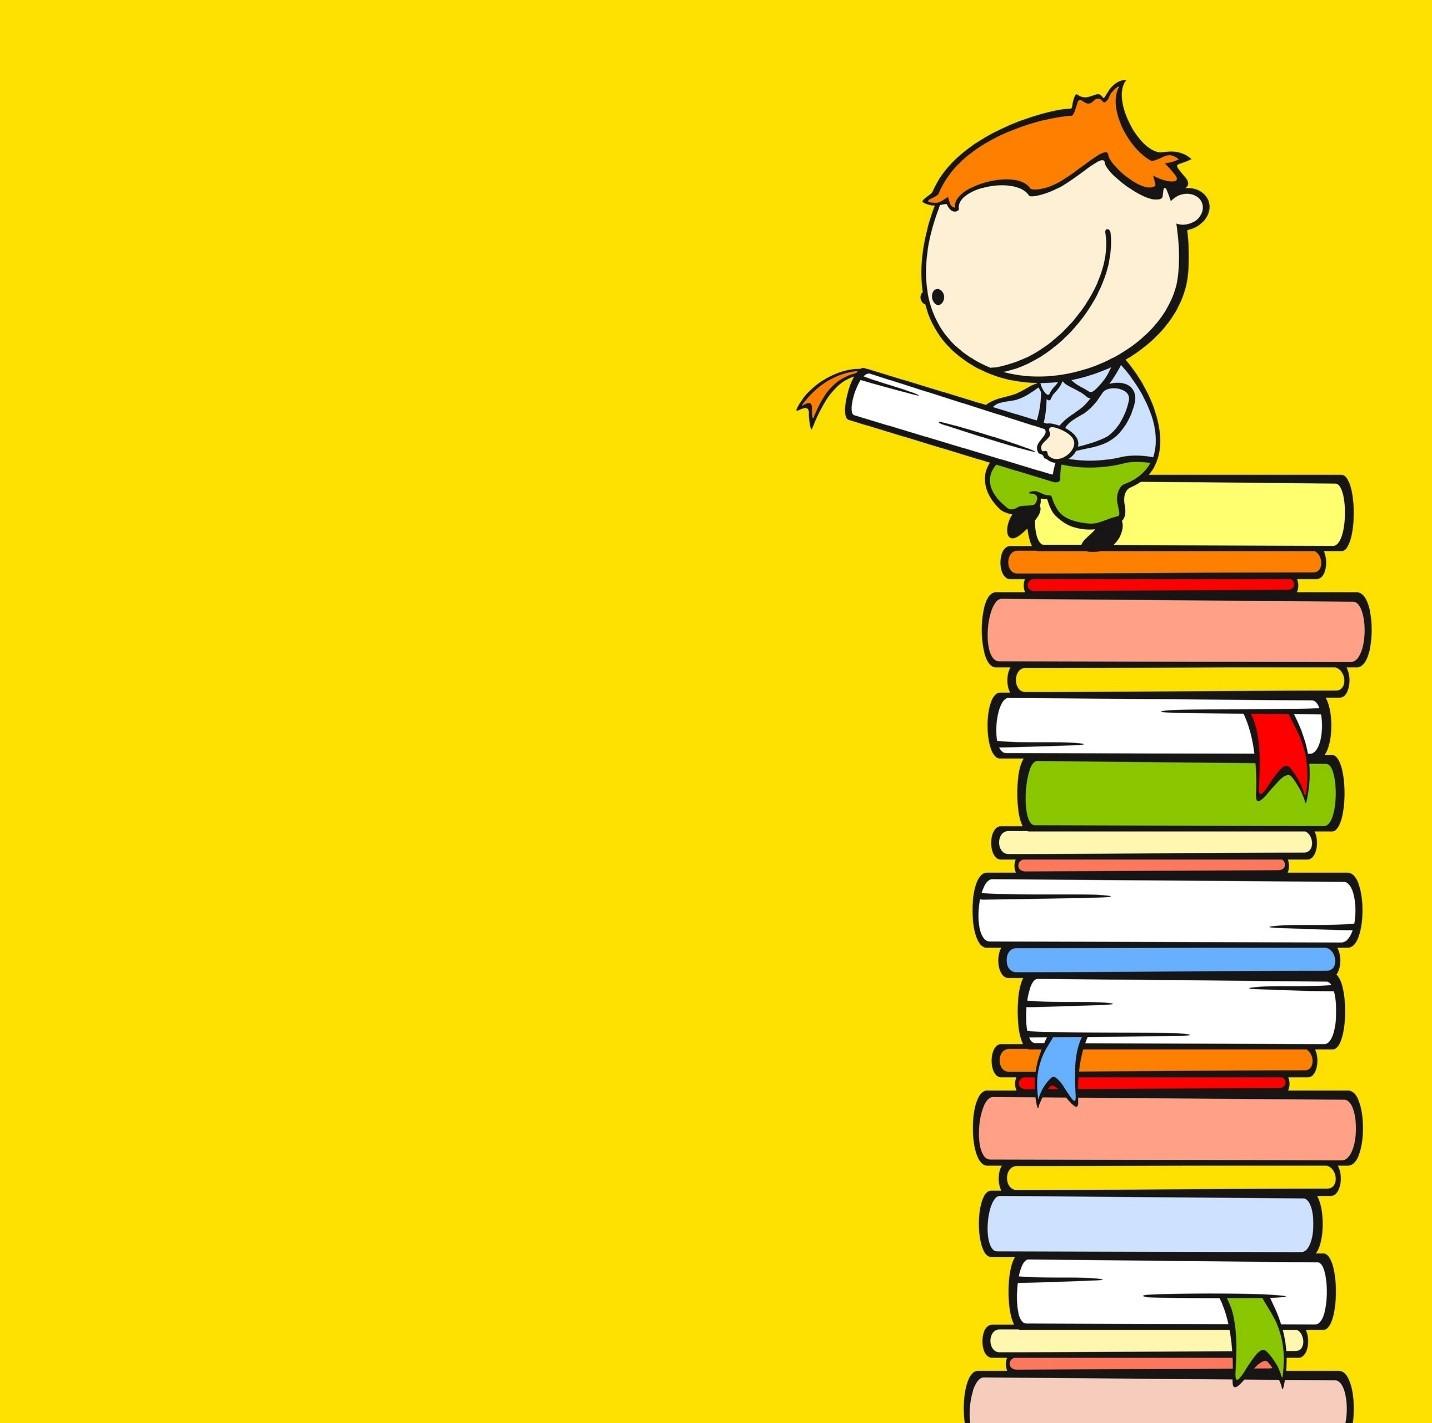 با تاثیر کتابخوانی درکودکان آشنا شوید